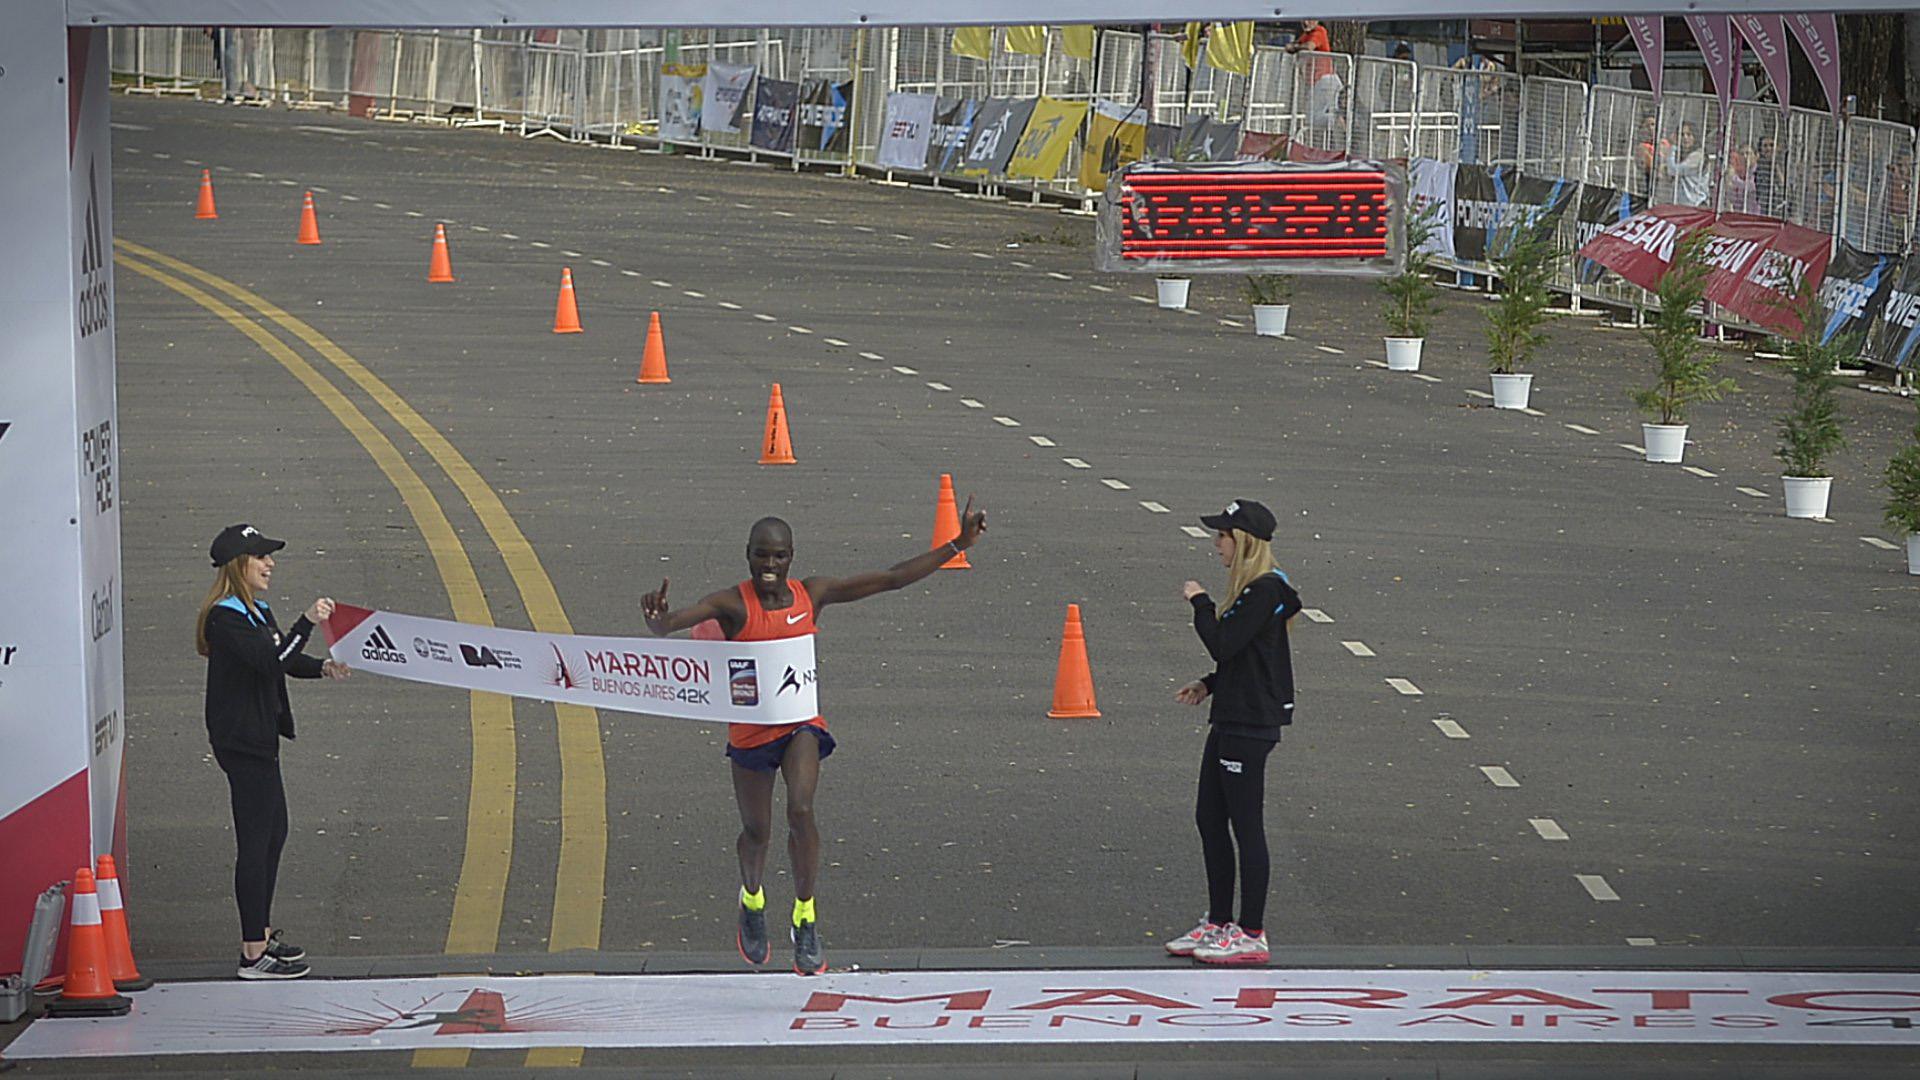 Apenas pasadas las 9, el keniata Saina Kipbemboi se coronó con un tiempo de 2h05m20, quebrando el récord establecido el año pasado por su compatriota Barnabas Kiptum, quien hoy finalizó tercero